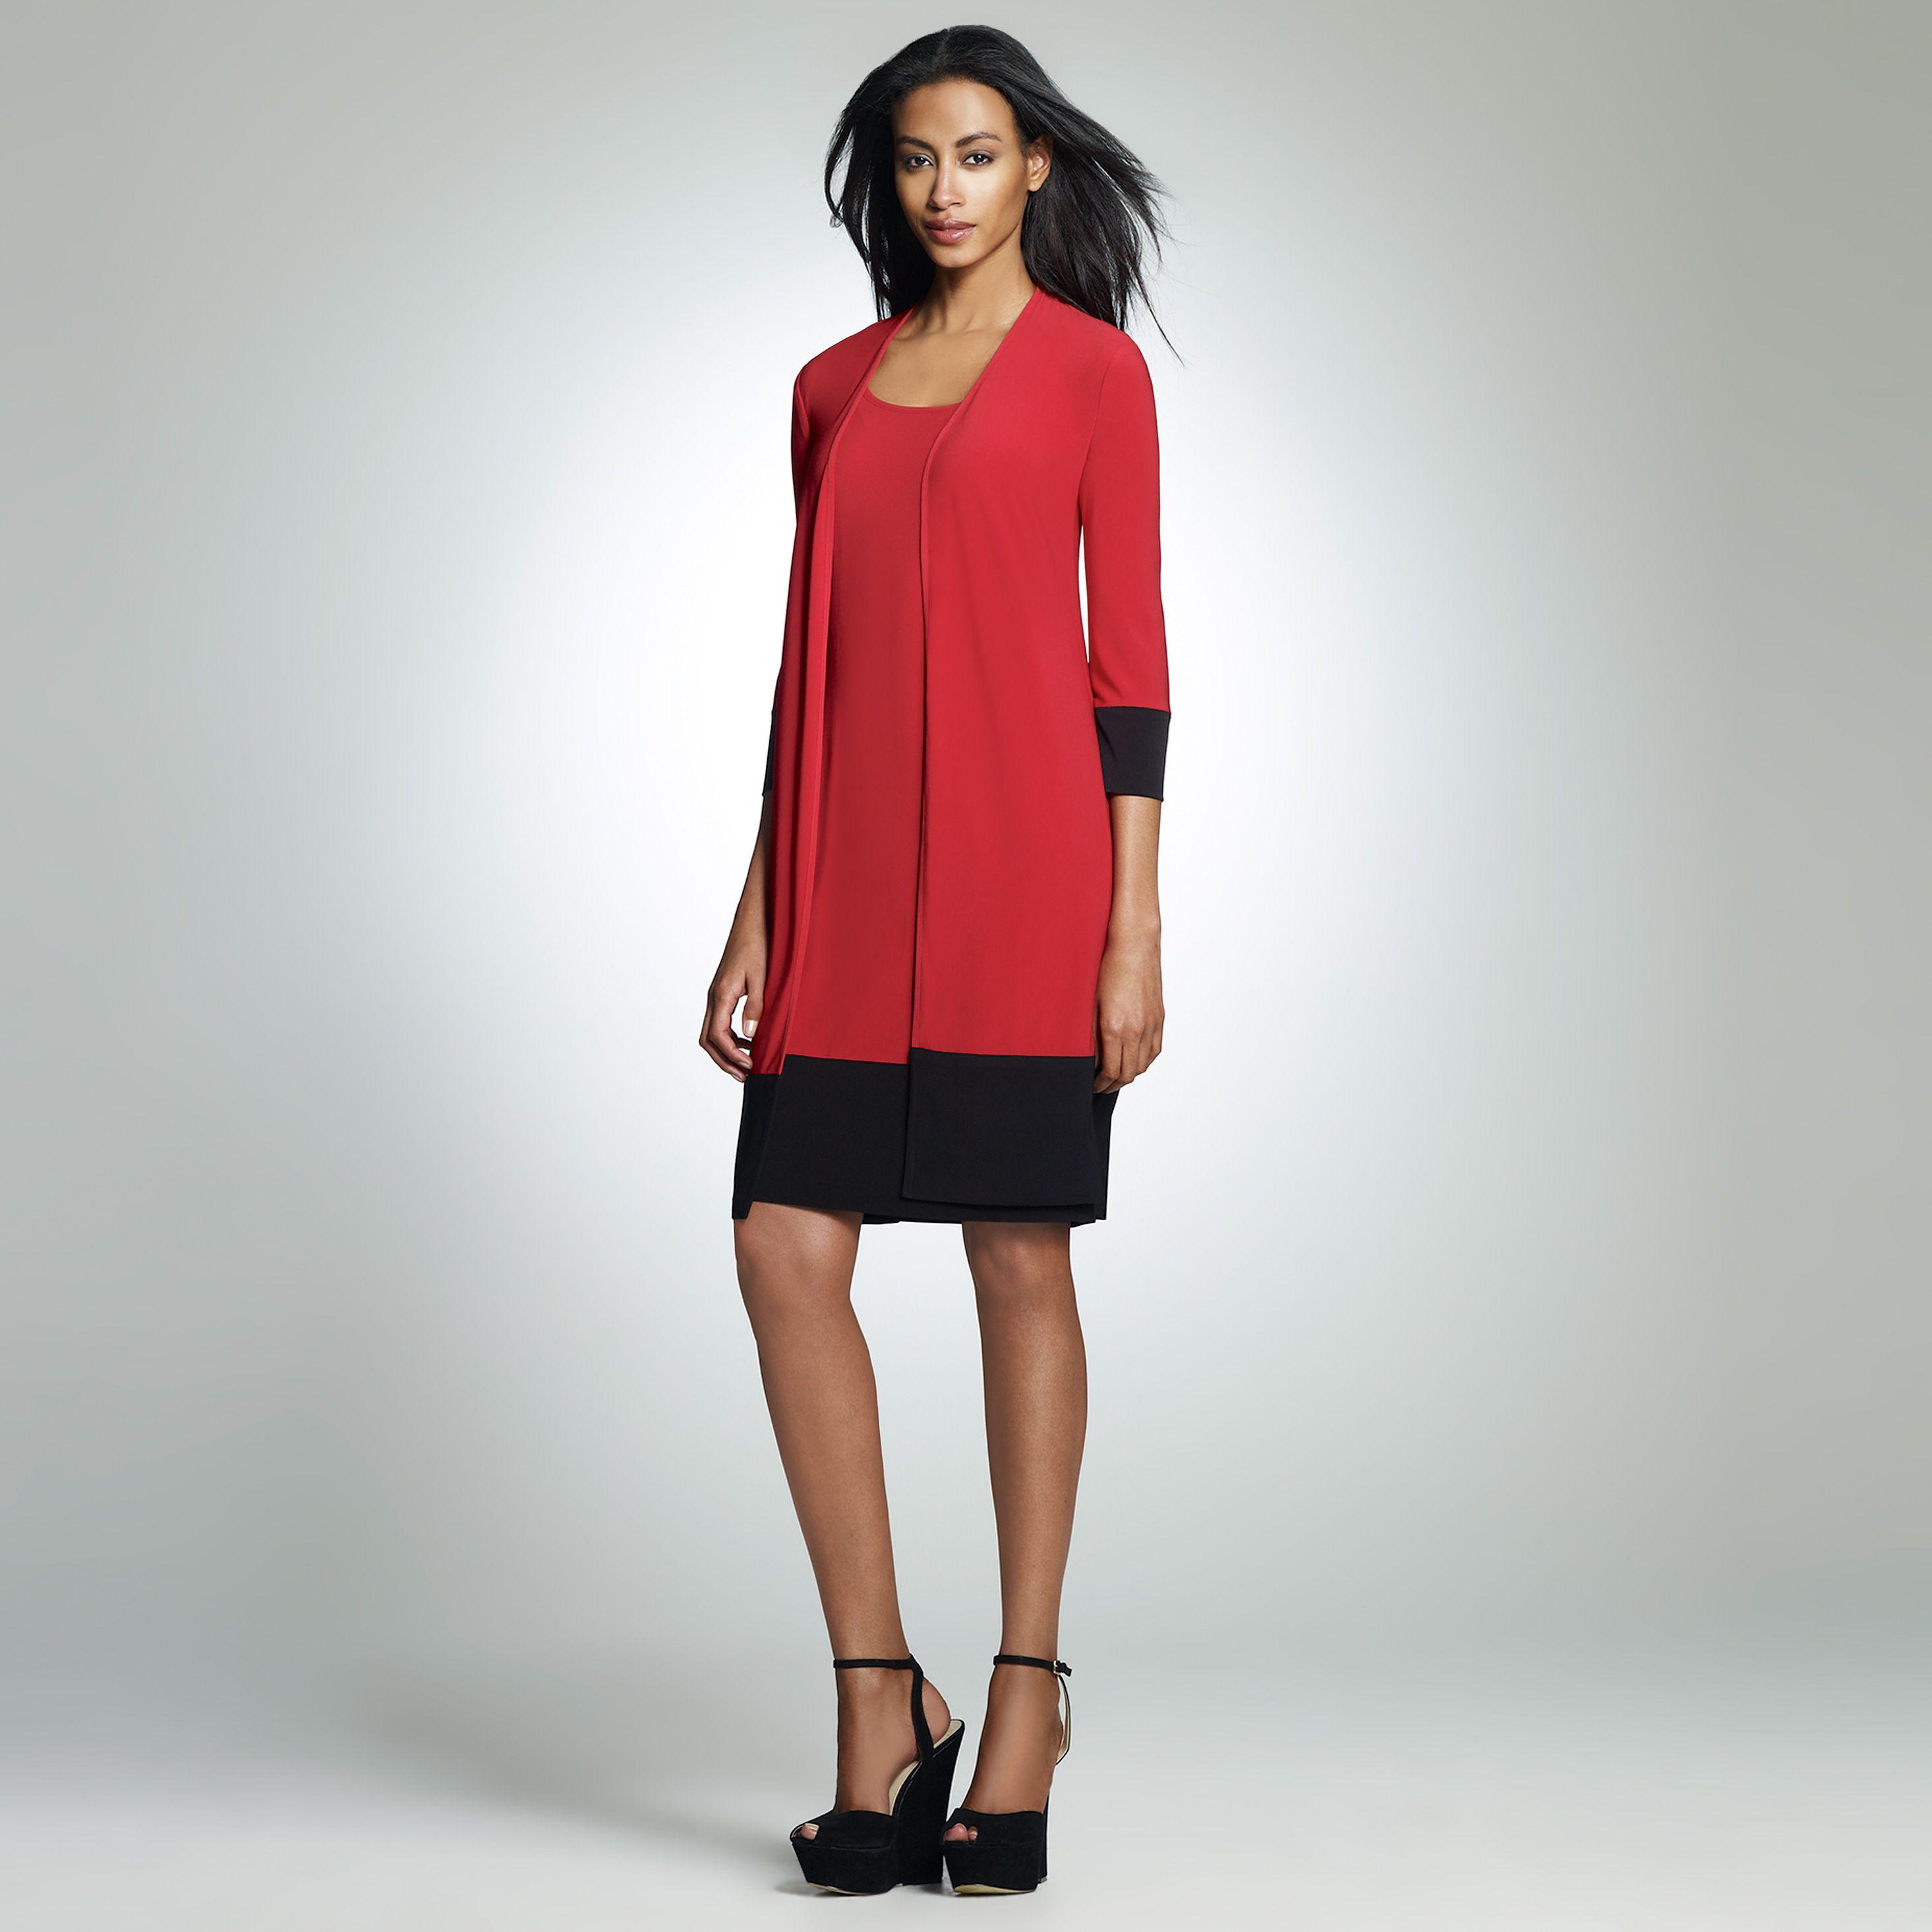 Flattering color block dress for women over 50 | Hair ...